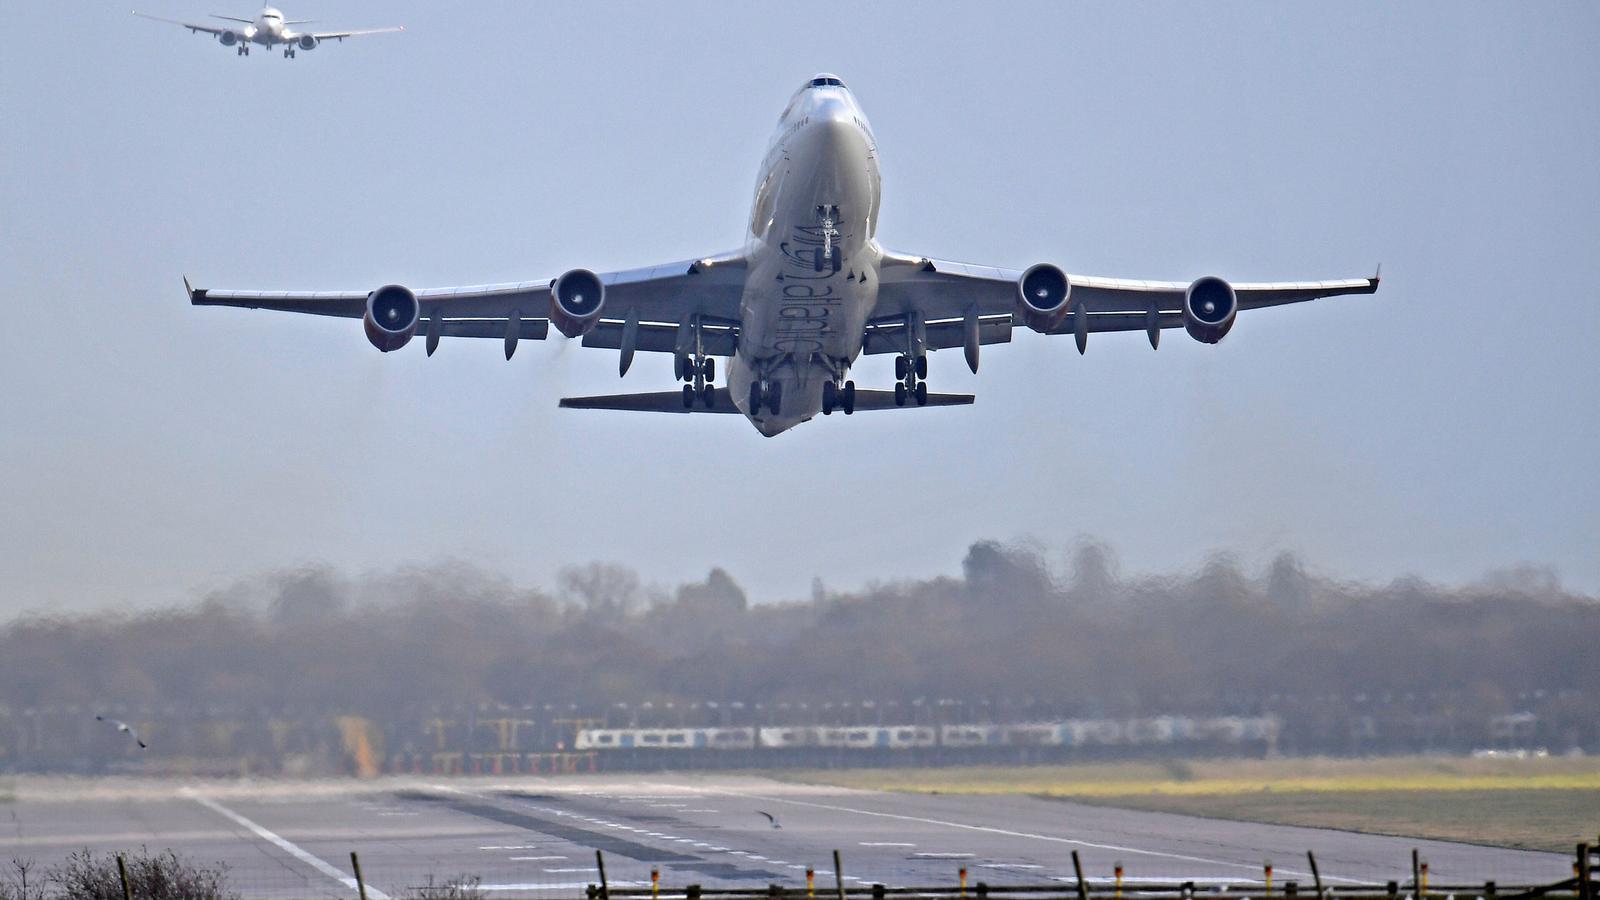 Un avió s'enlaira a Gatwick després que l'aeroport quedés inoperatiu durant 36 hores.